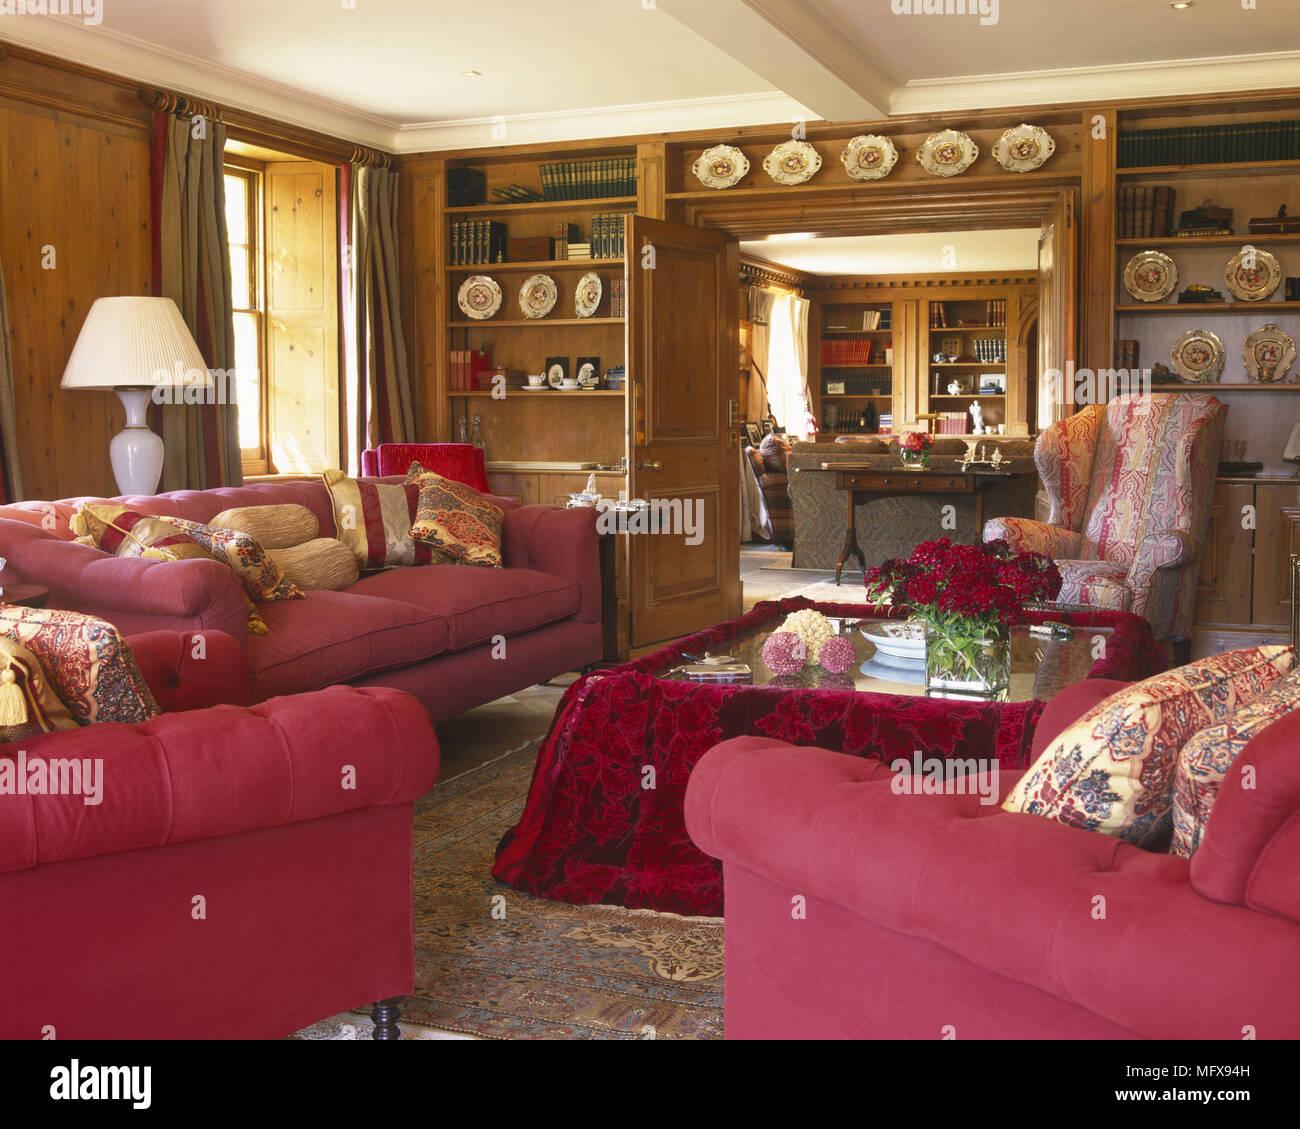 Gepolsterte Rote Sofa Und Sesseln Rund Um Tisch Im Wohnzimmer Stockfotografie Alamy